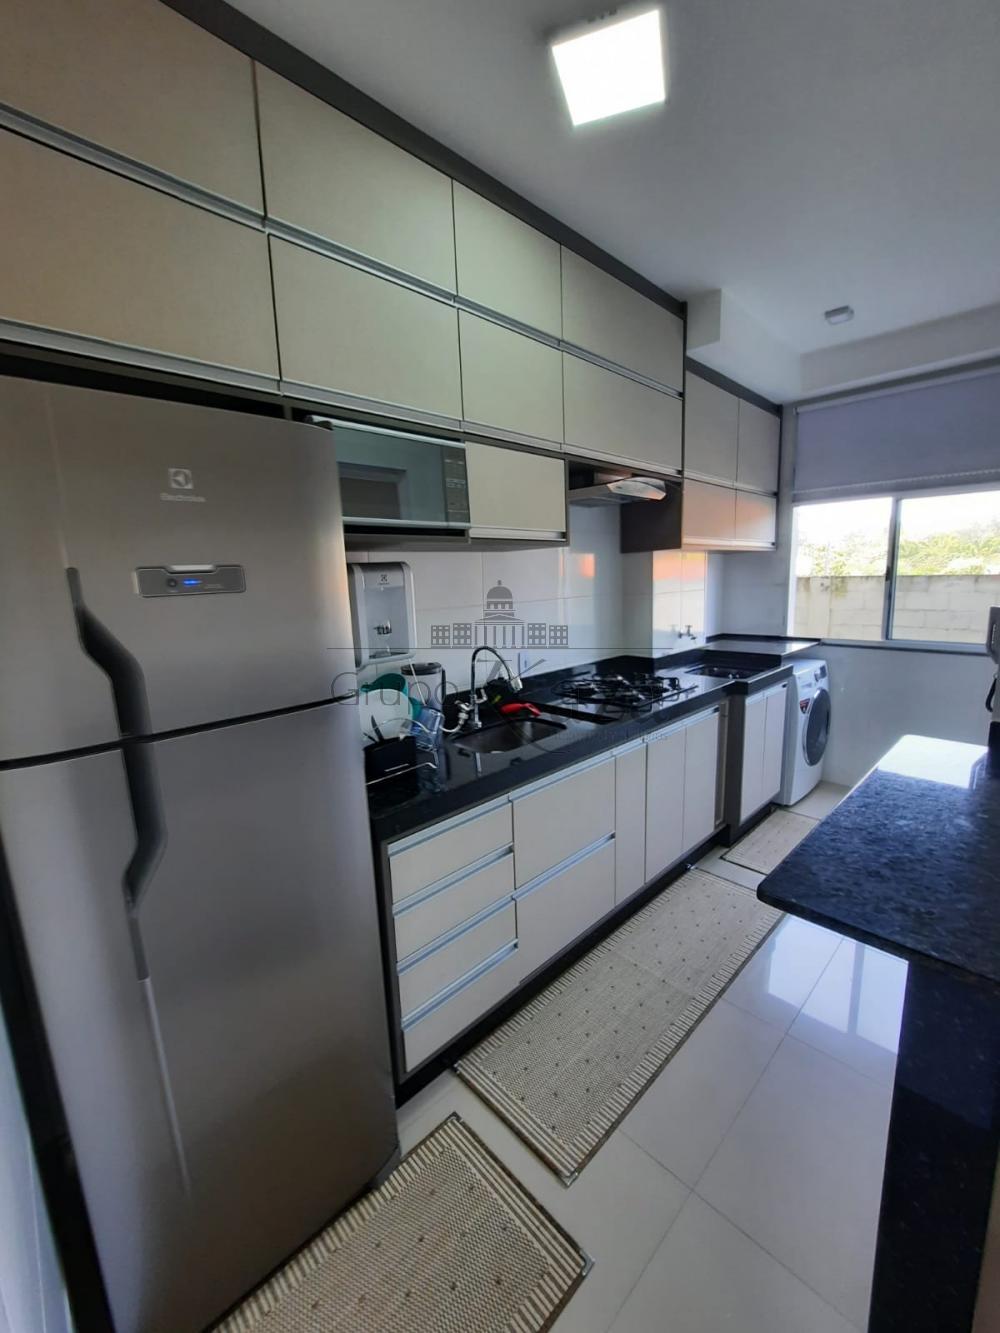 alt='Comprar Apartamento / Padrão em São José dos Campos R$ 280.000,00 - Foto 3' title='Comprar Apartamento / Padrão em São José dos Campos R$ 280.000,00 - Foto 3'